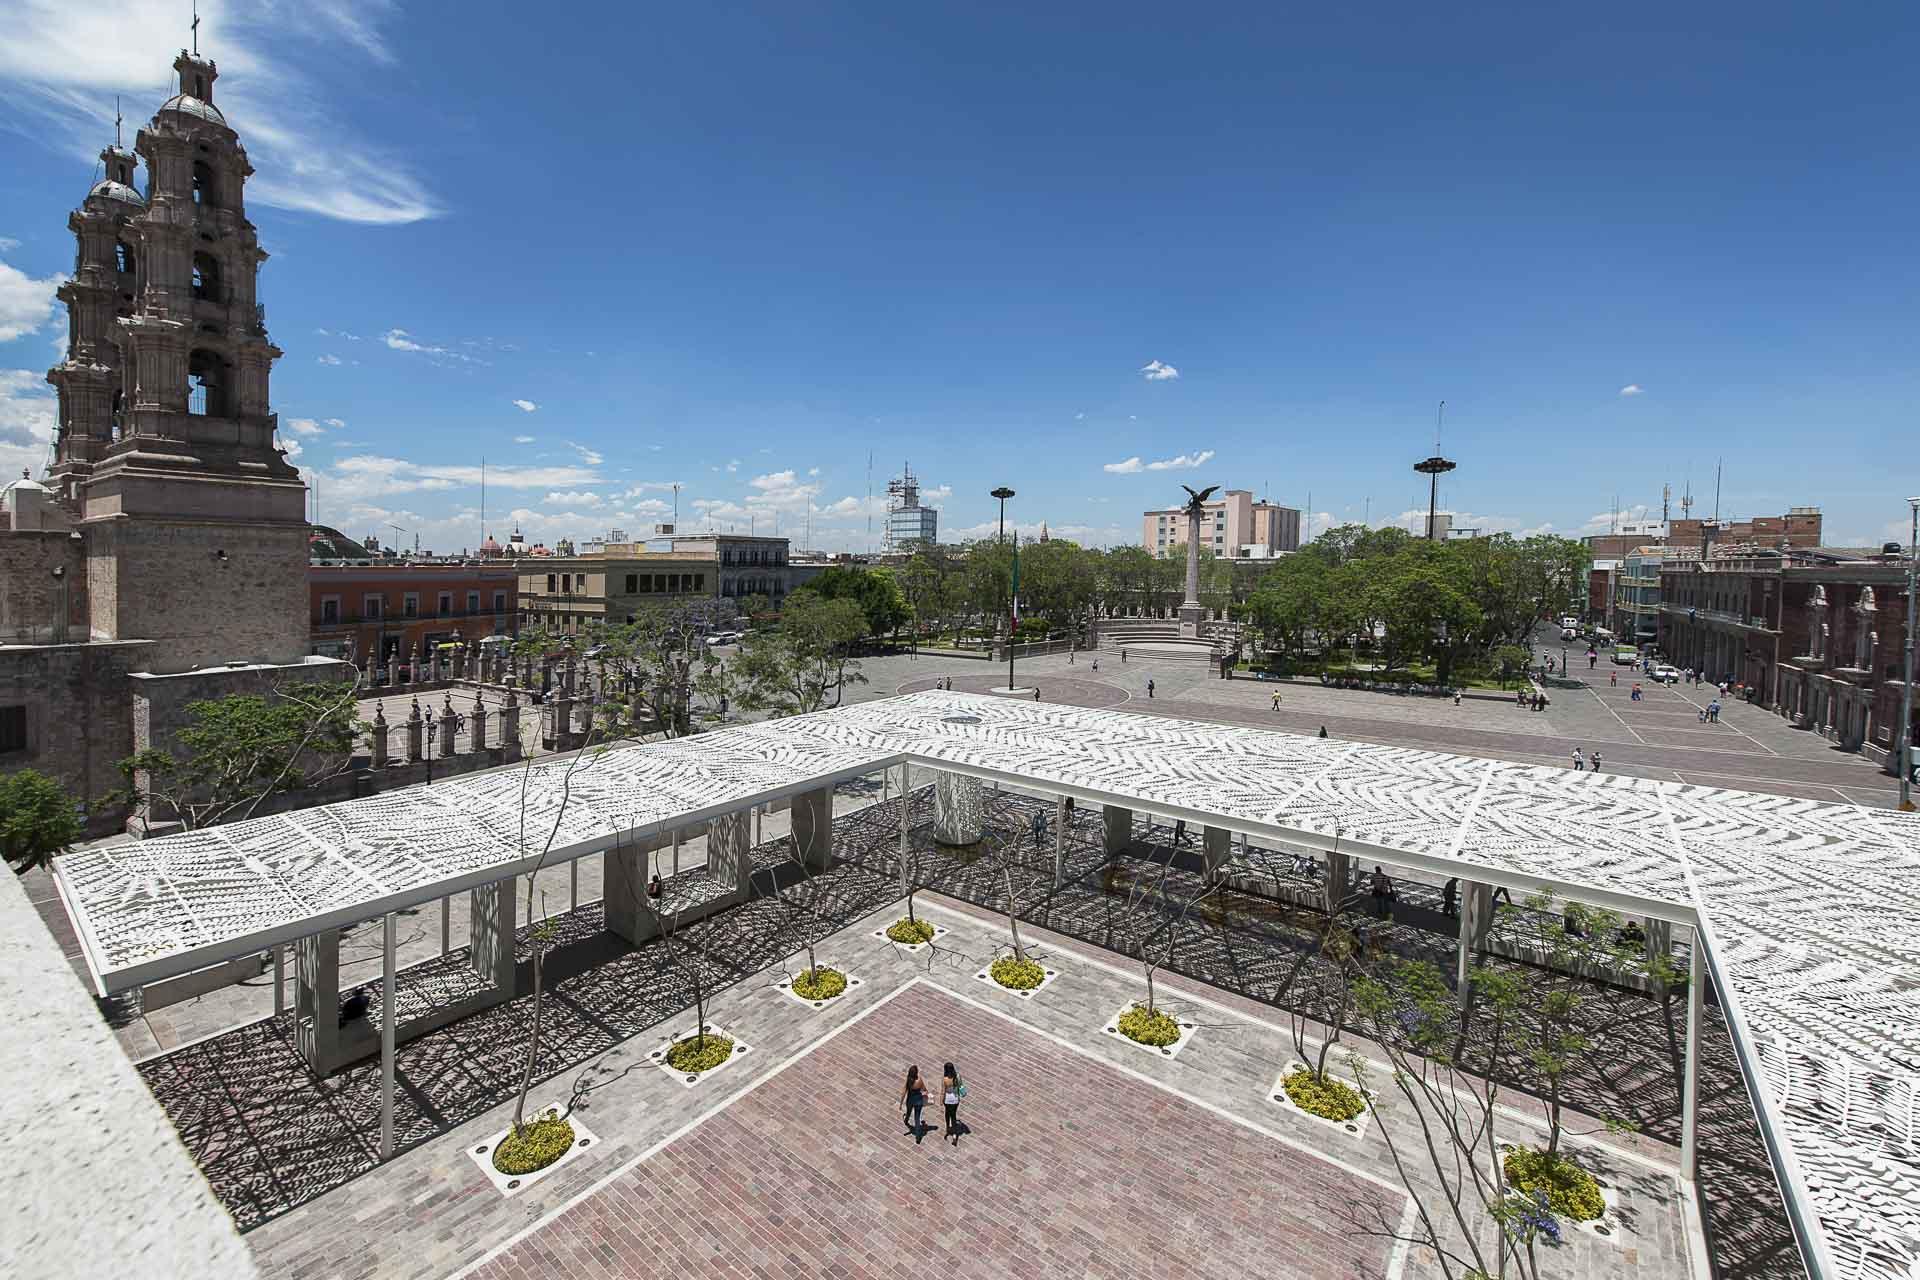 The Patio de las Jacarandas provides a place to gather in Aguascalientes.